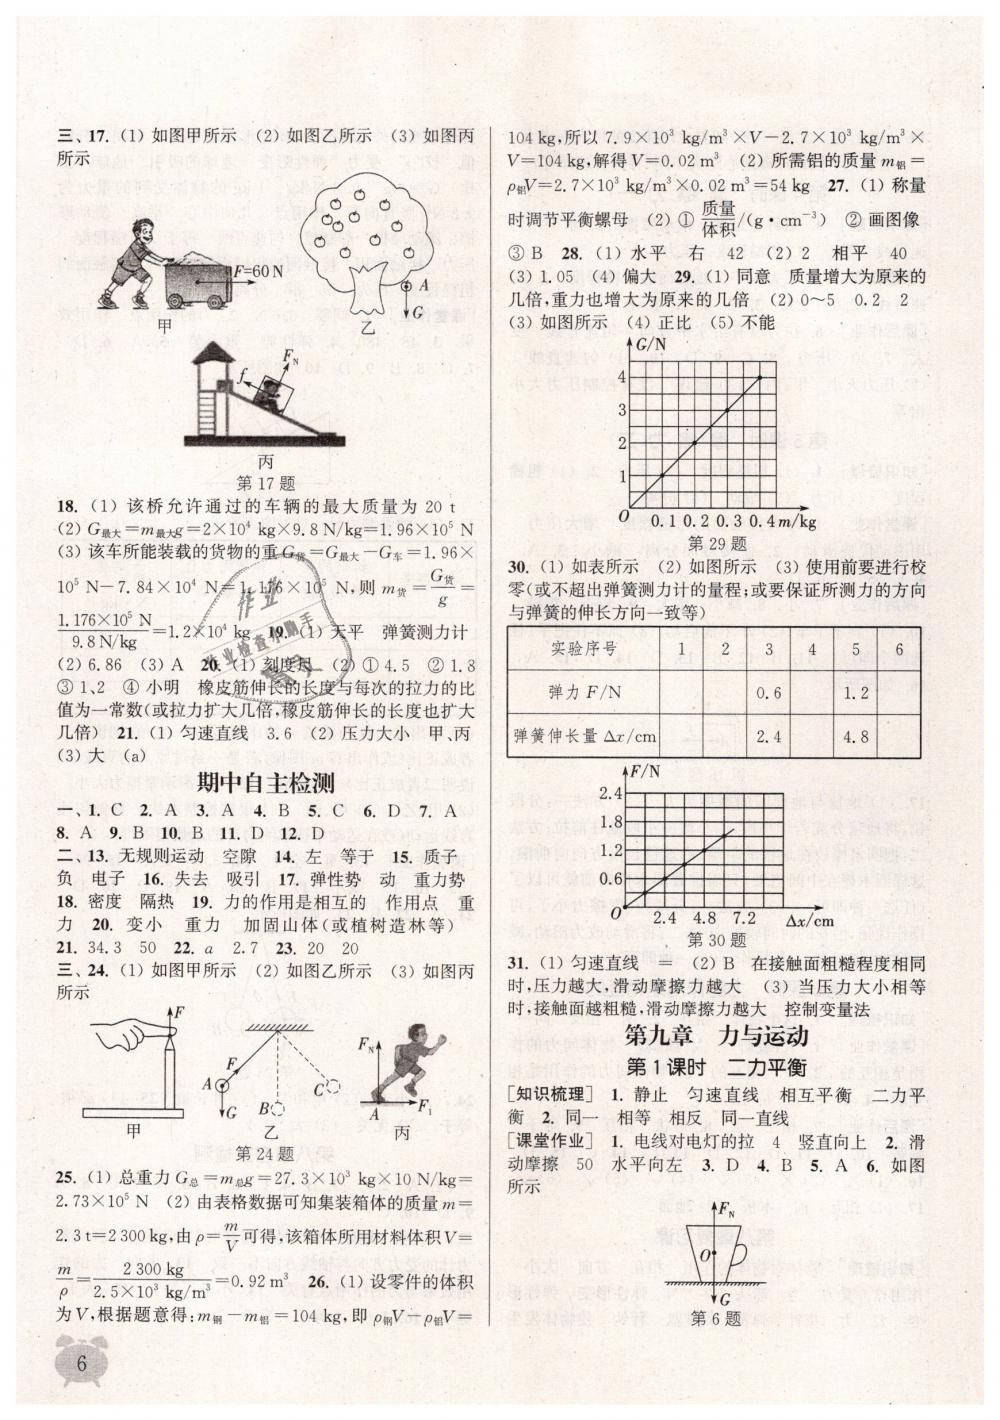 2019年通城学典课时作业本八年级物理下册苏科版江苏专用第6页